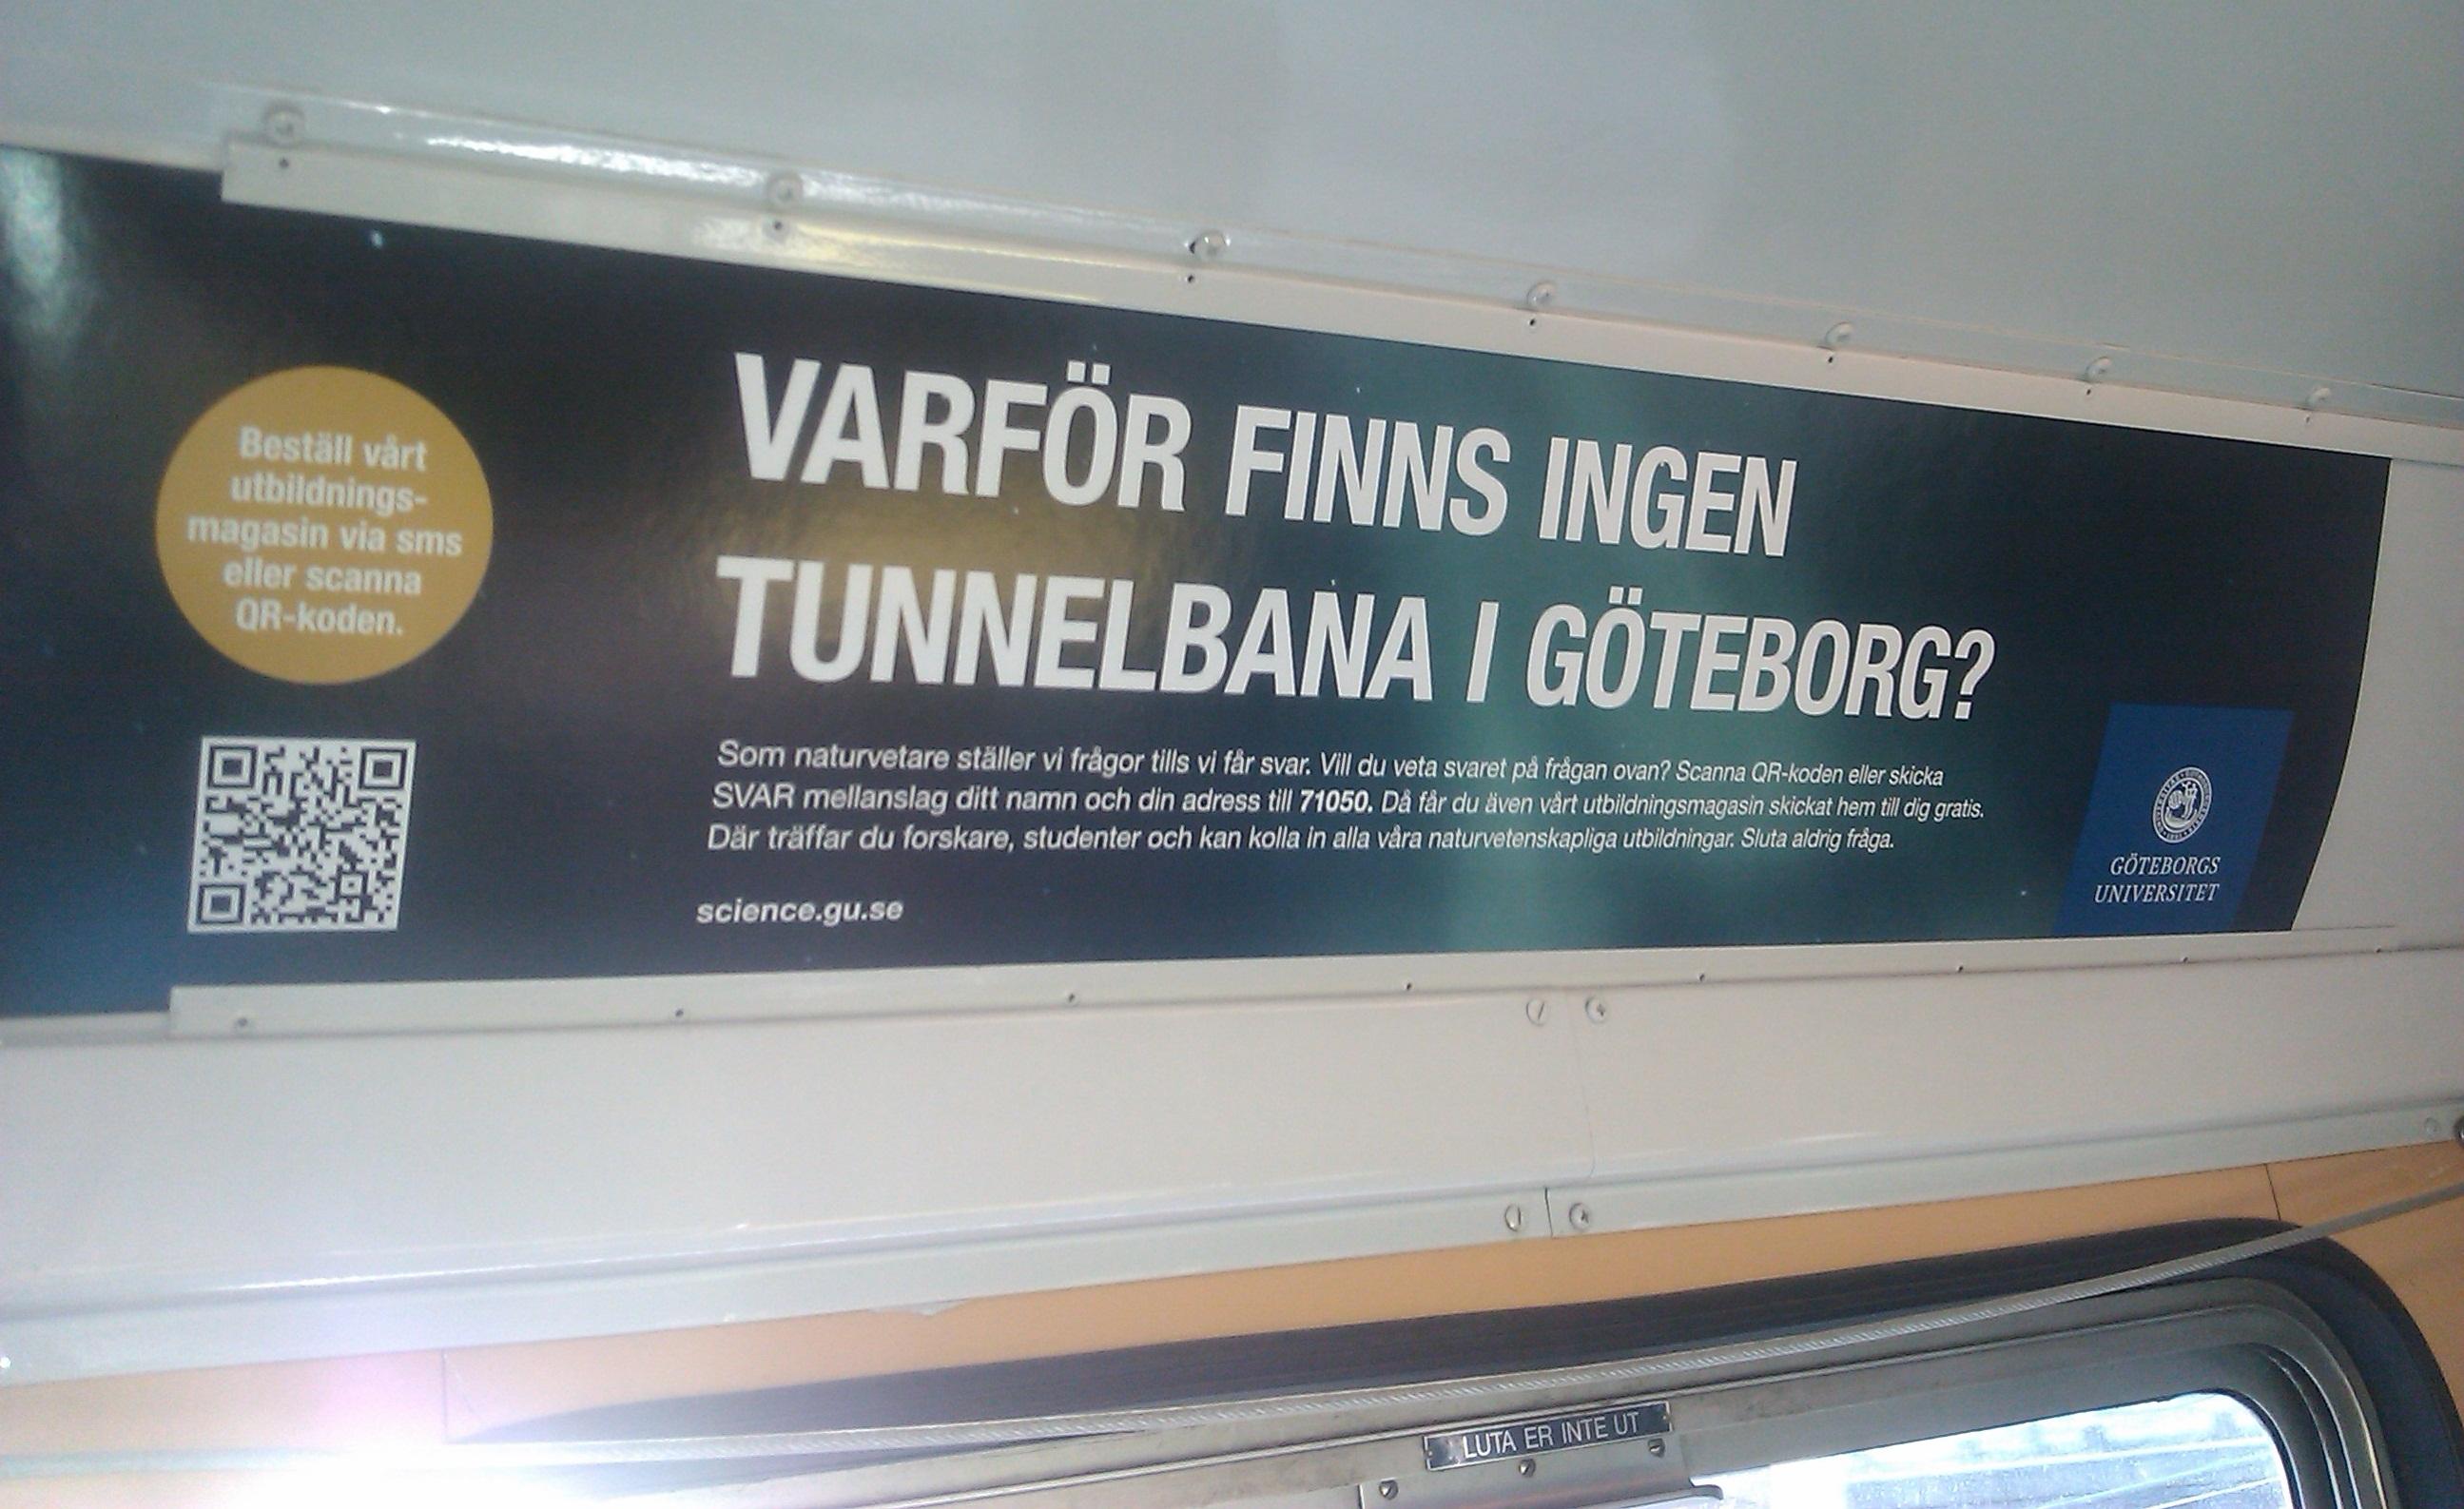 tunnelbana göteborg